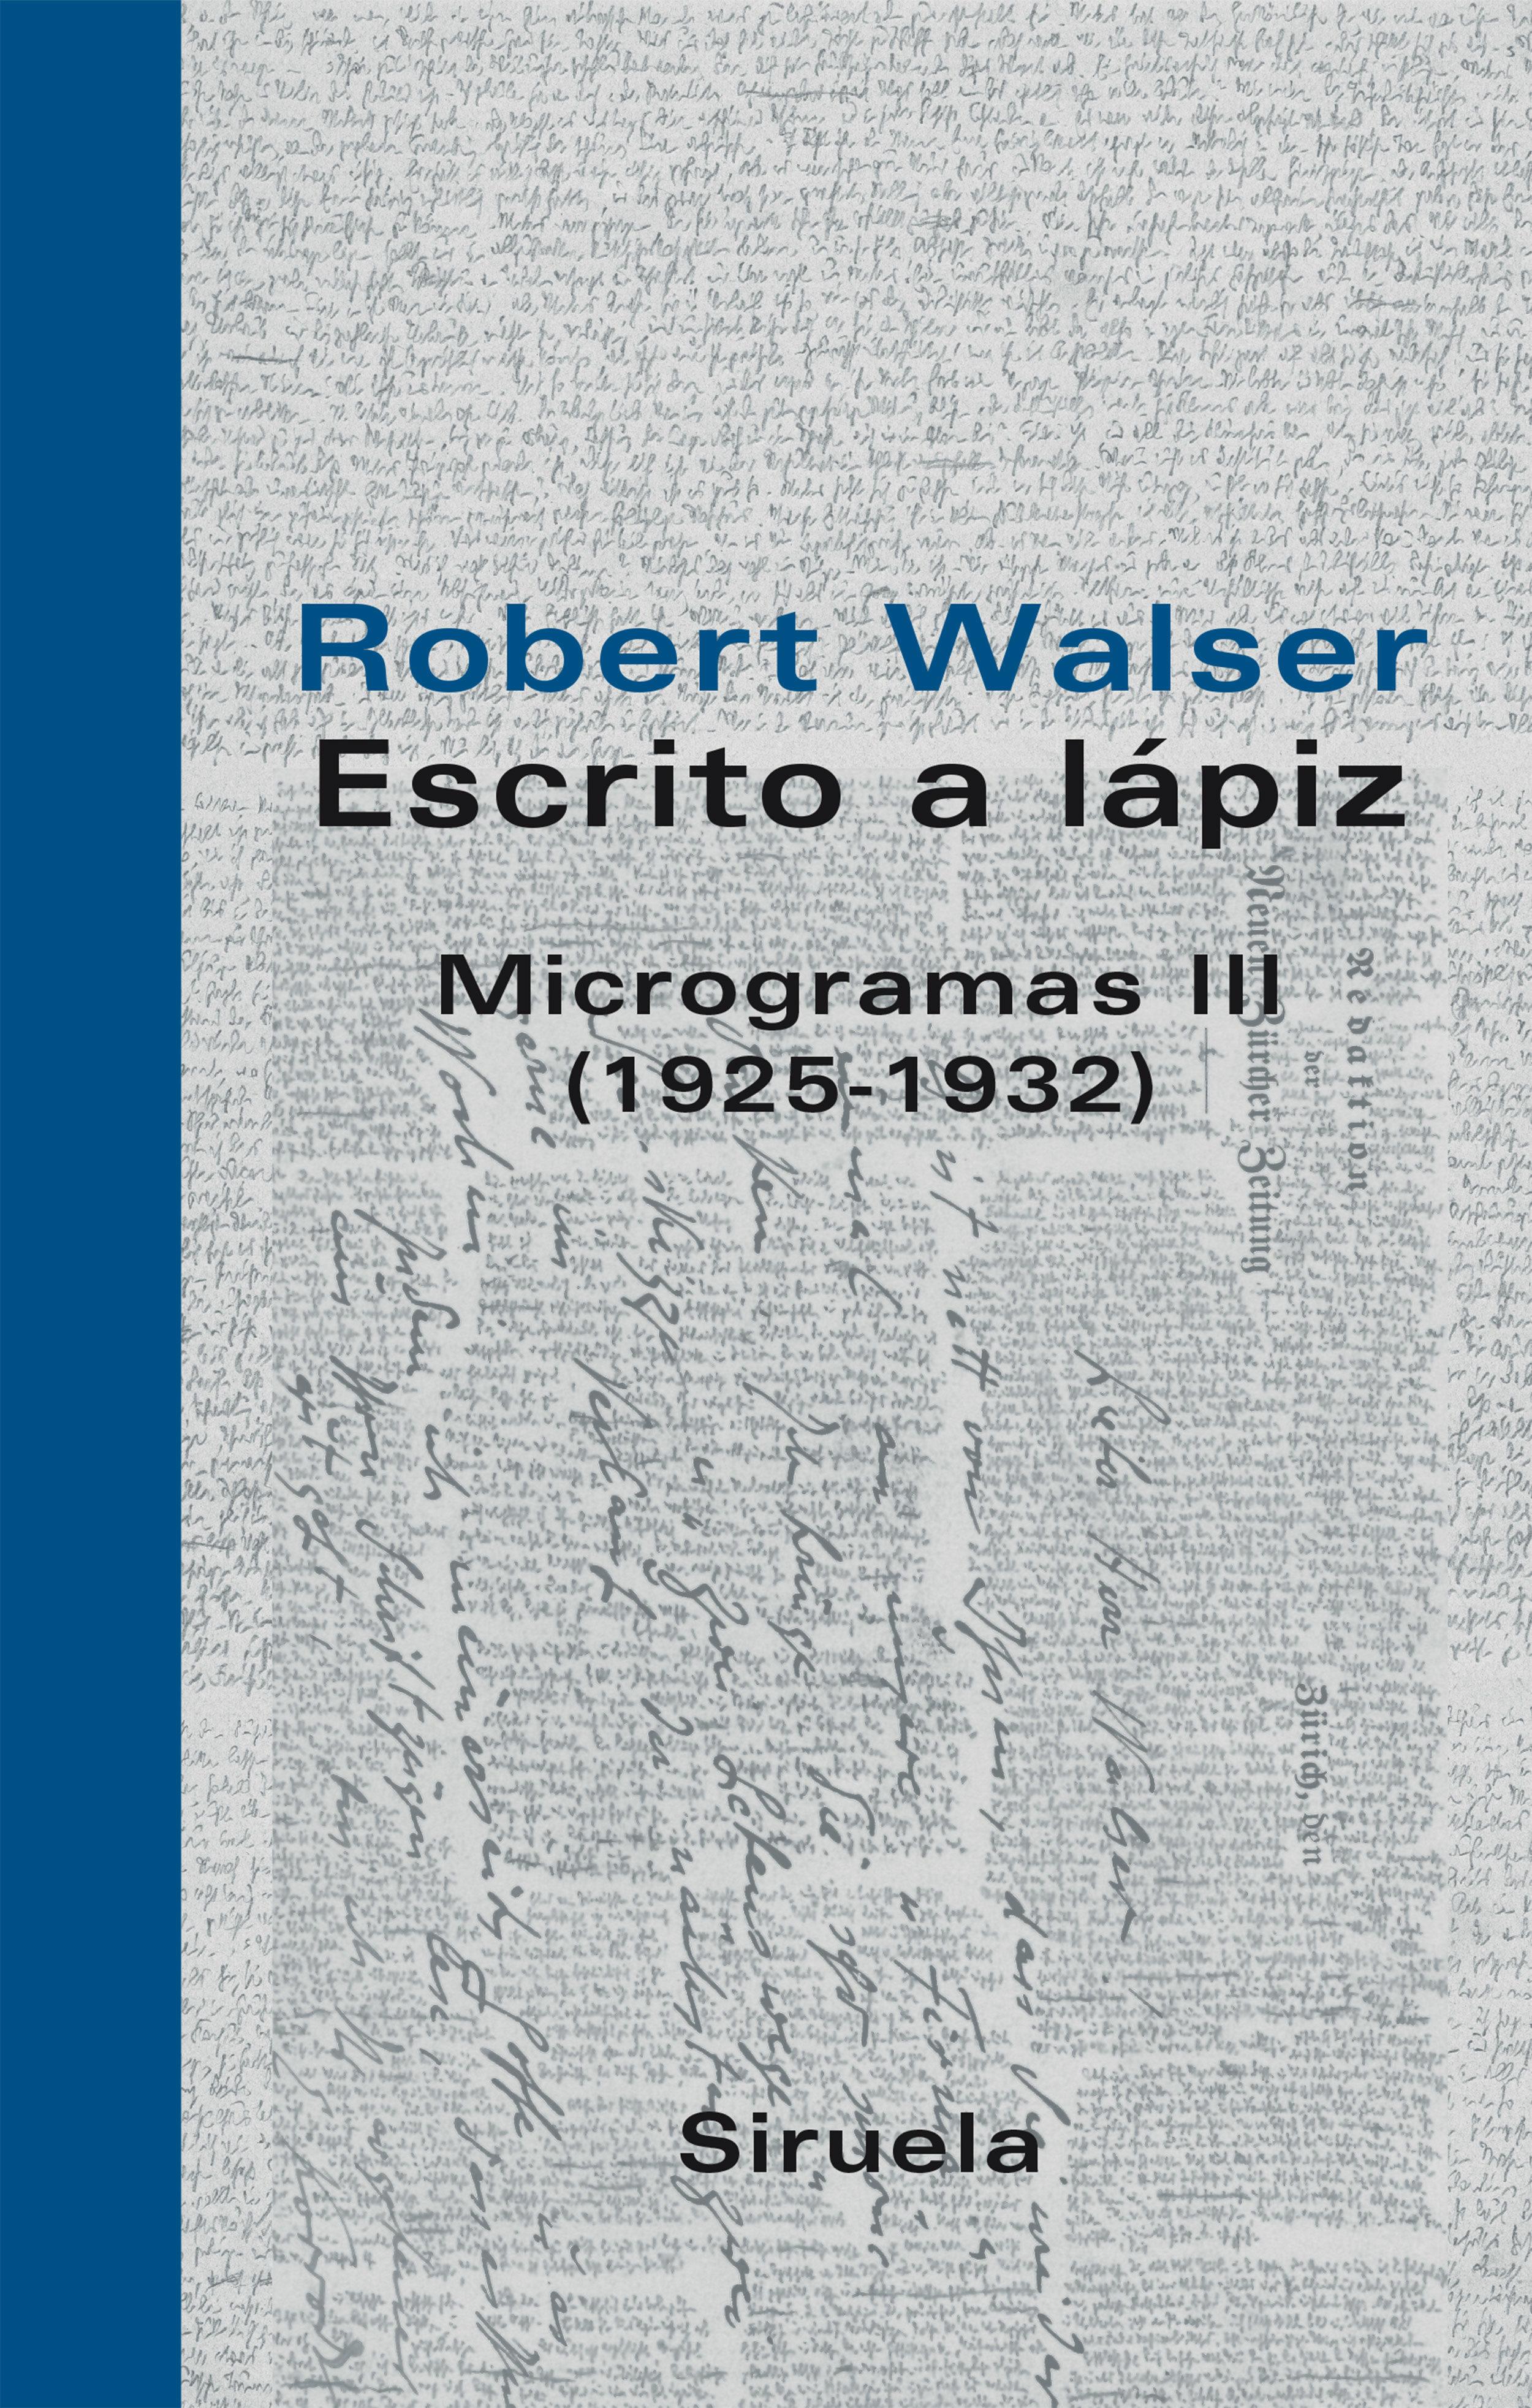 Escrito A Lapiz: Microgramas Iii (1925-1932) - Walser Robert